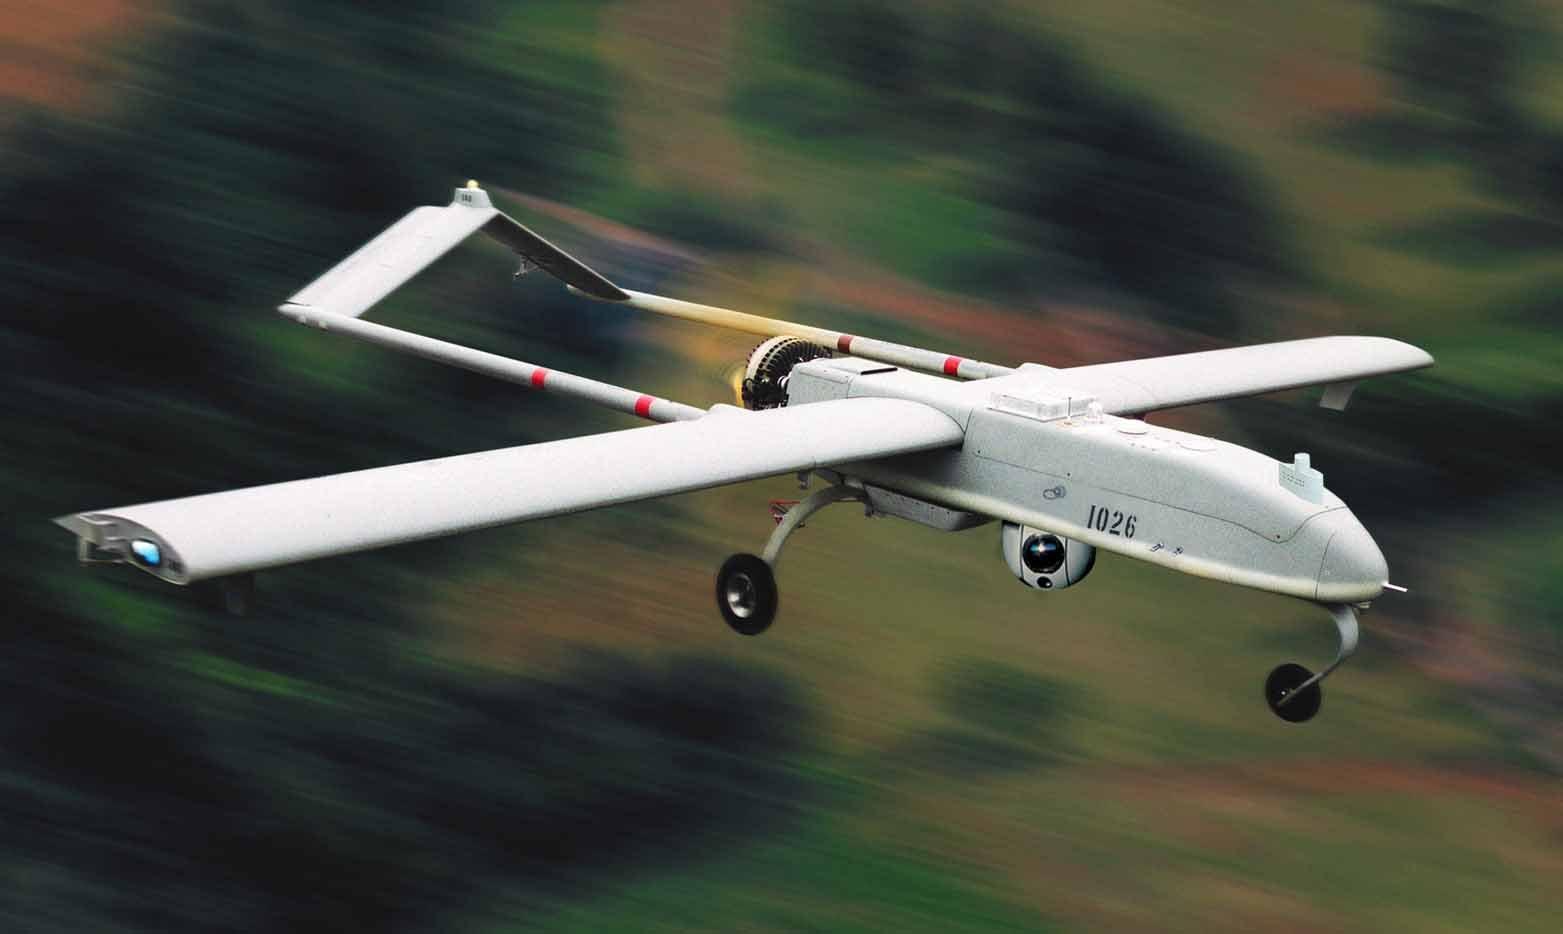 Для управления дроном в США может понадобиться лицензия пилота ...